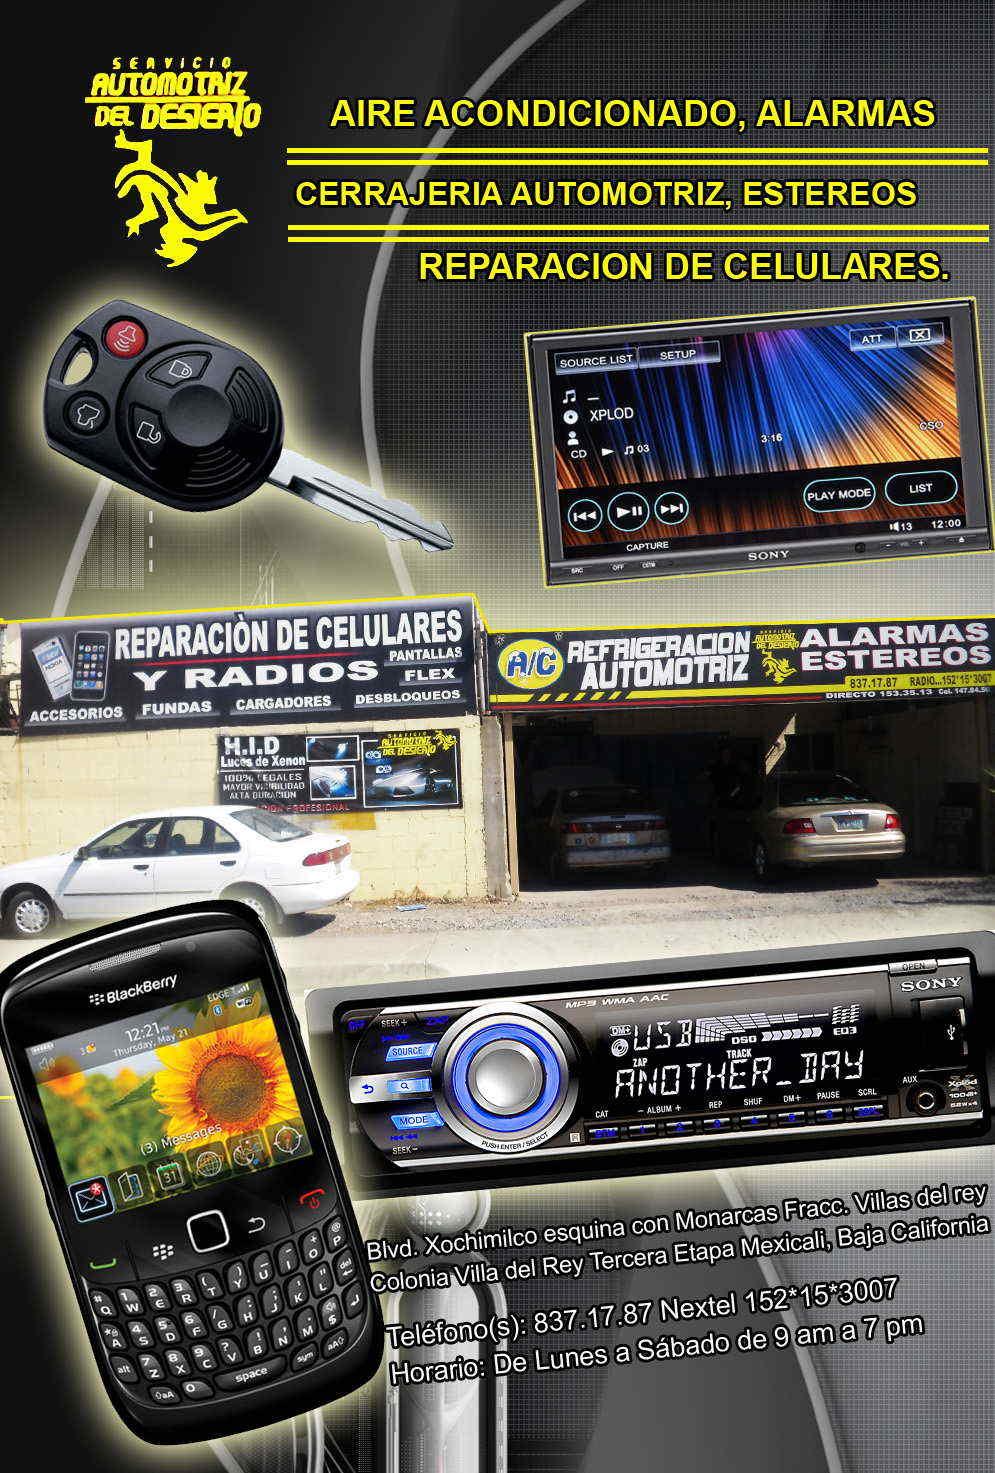 Servicio Automotriz Del Desierto En Mexicali Anunciado Por